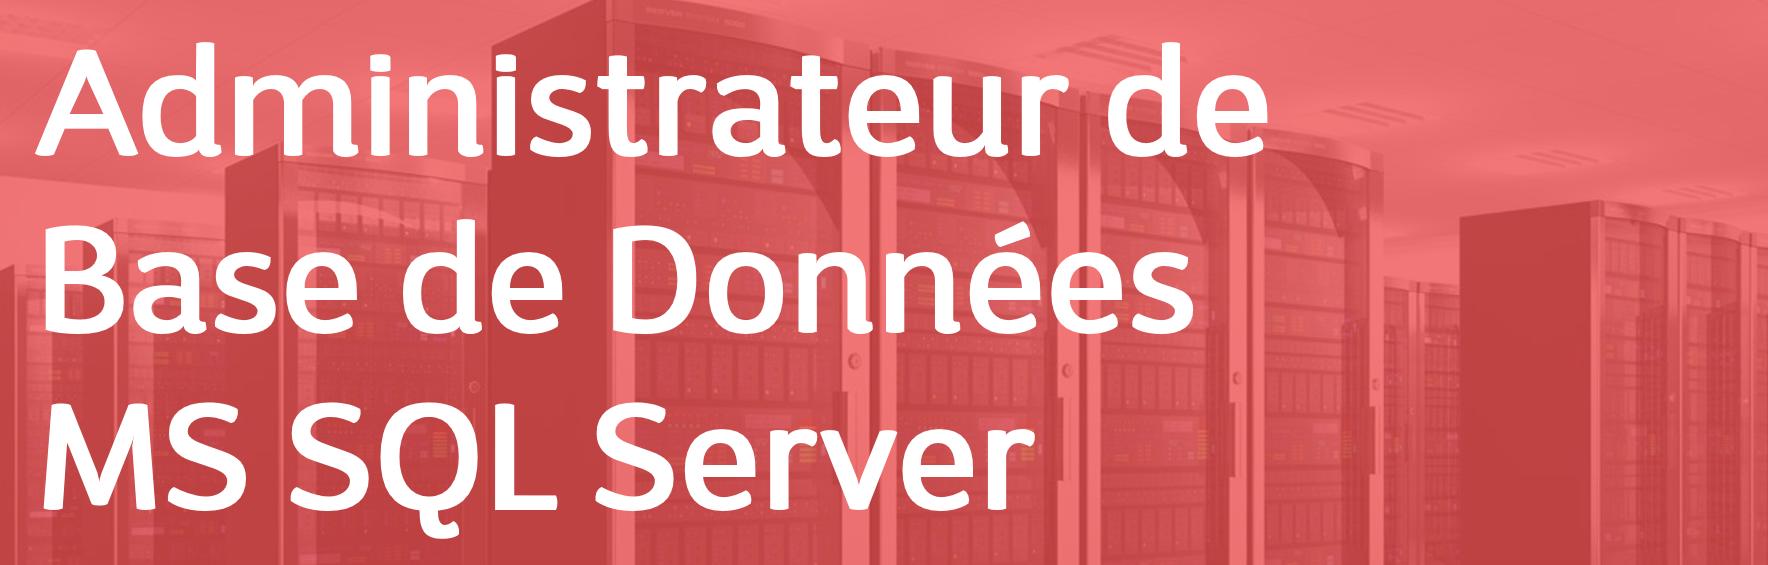 Administrateur de Base de Données MS SQL Server – Secteur Financier – FR/EN